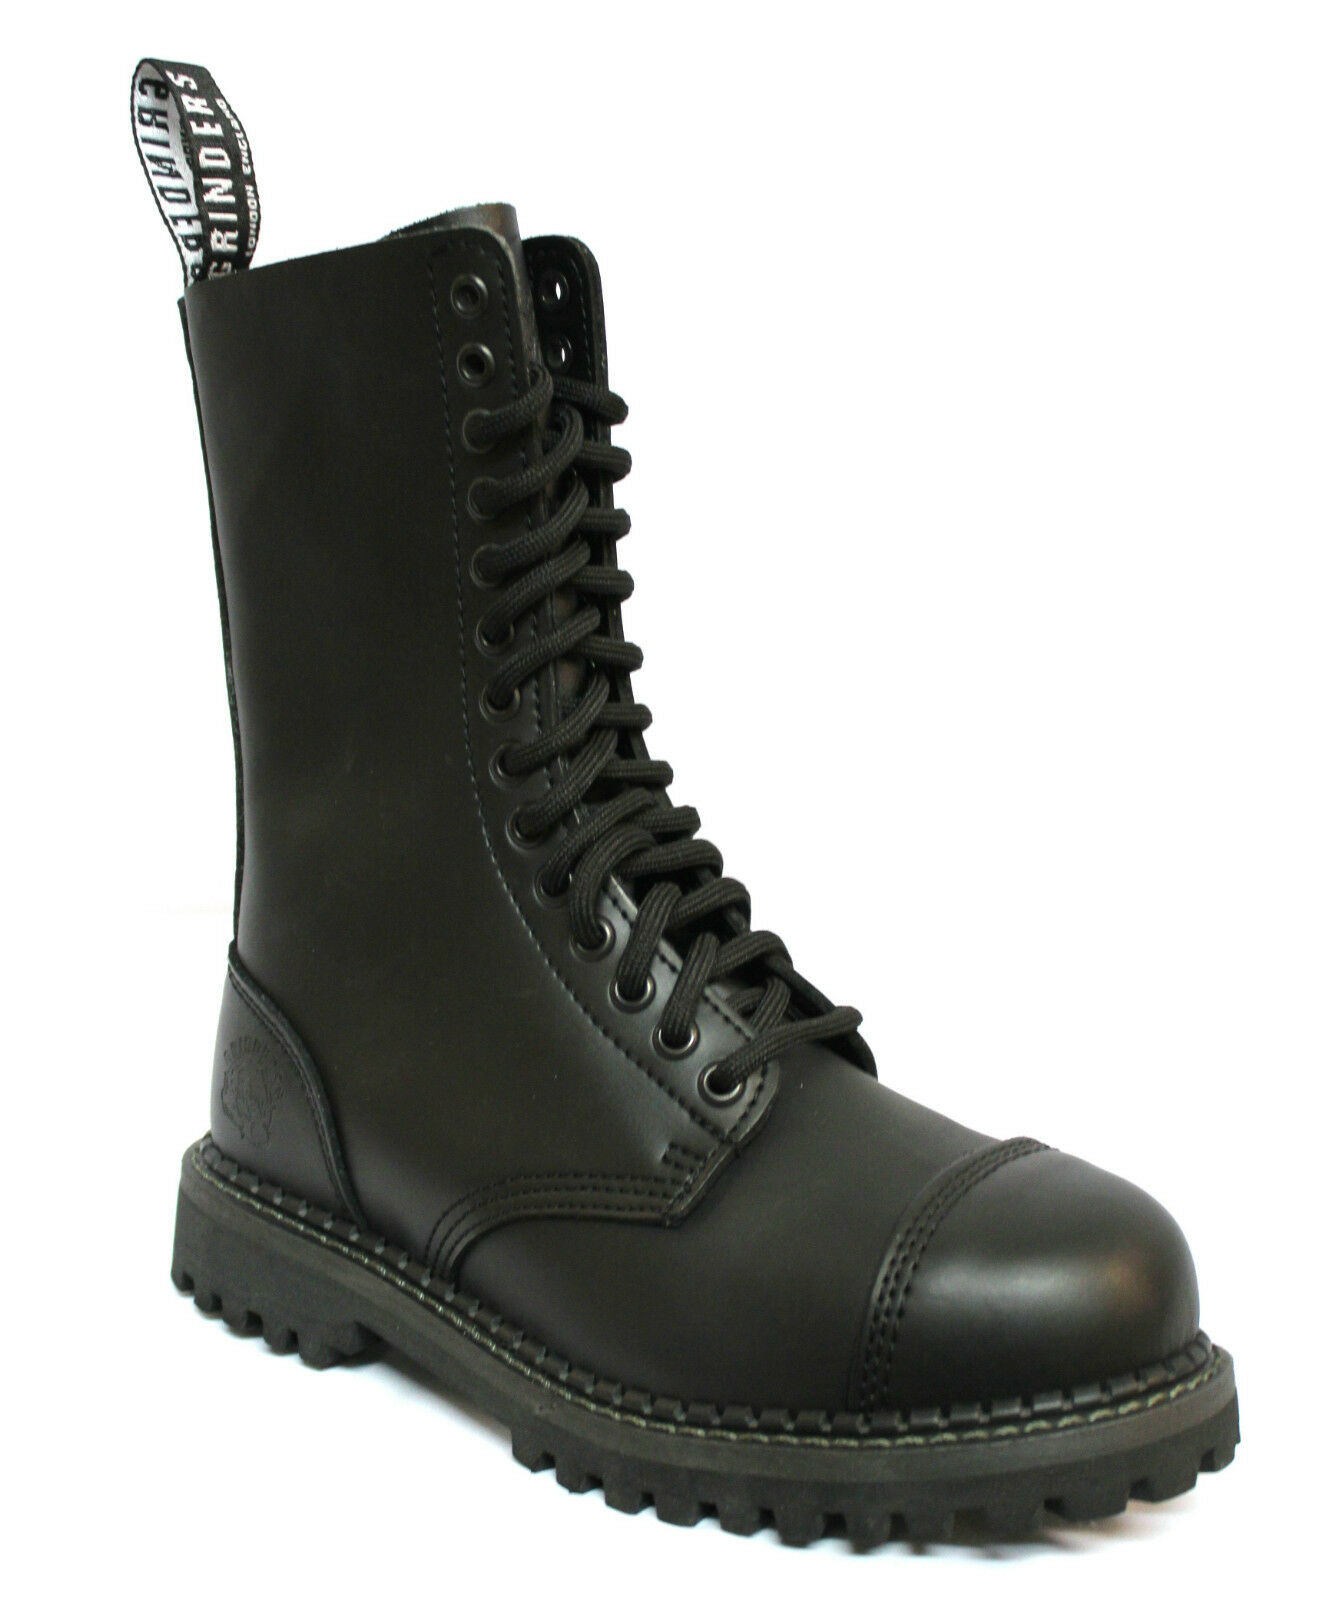 Grinders Herald Herren Formelle Schwarz 14 Eye Leder Militär Uniform Stiefel NEU